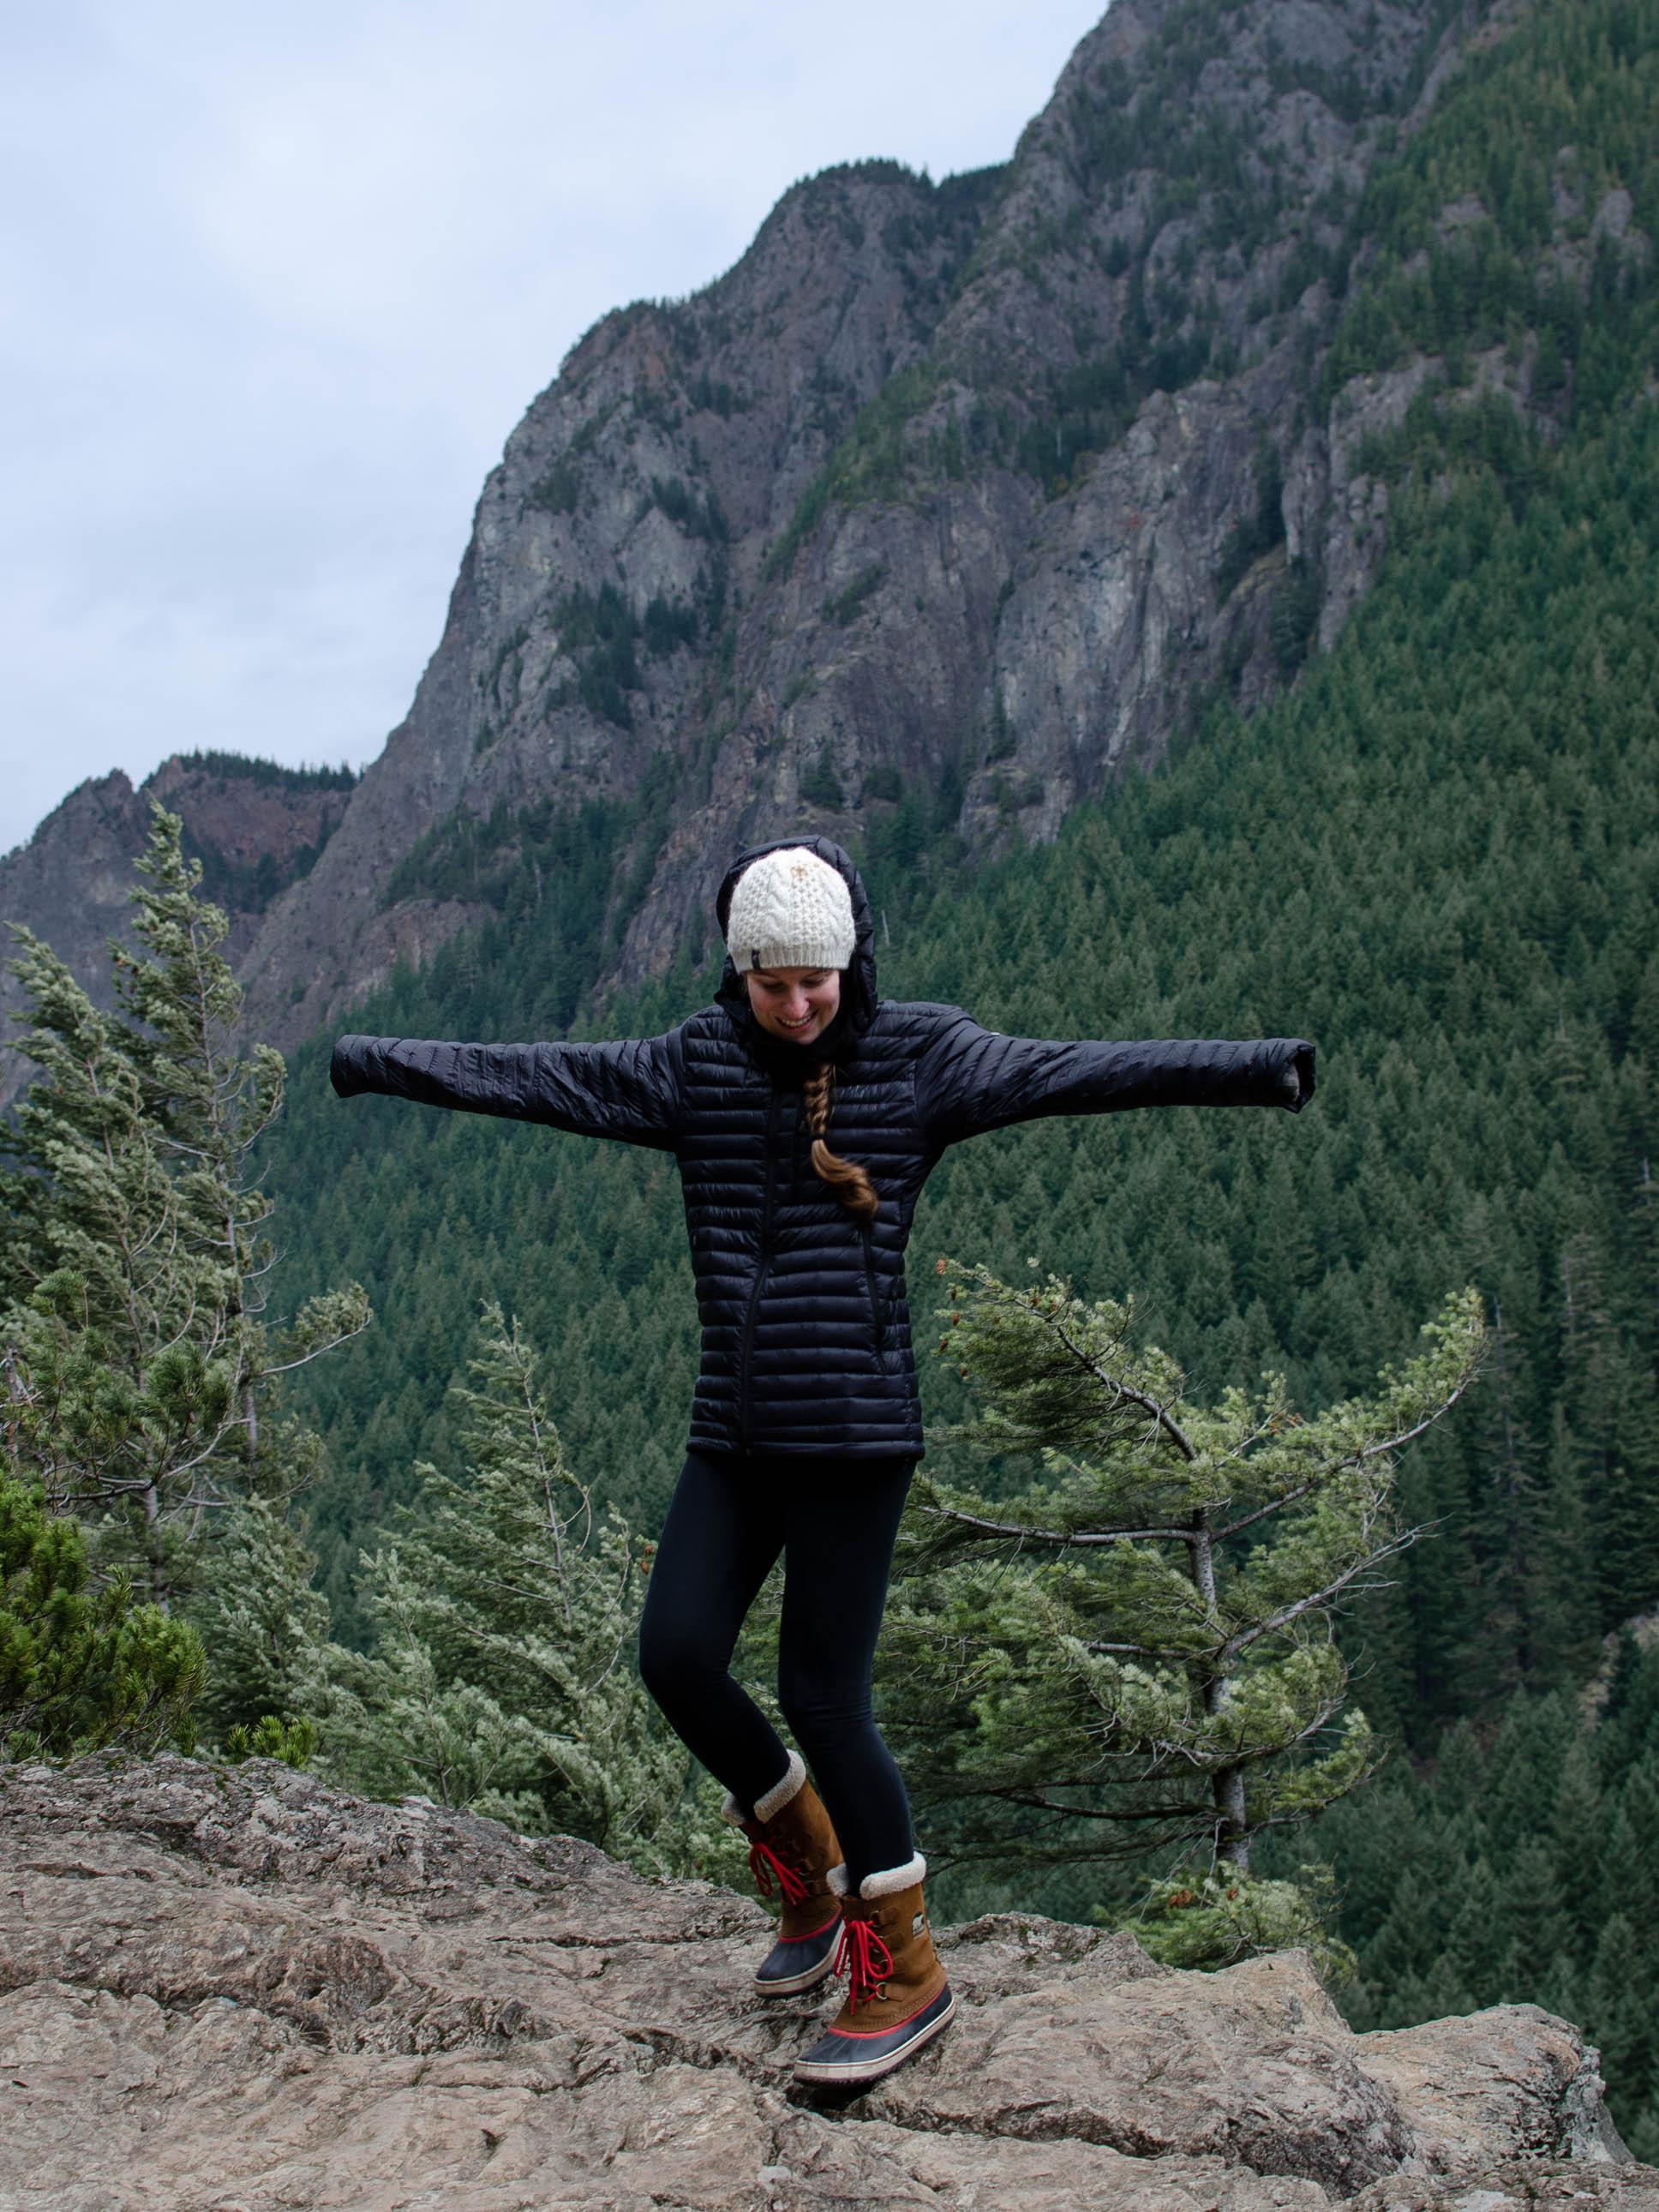 Little Si: An Easy Winter Hike Near Seattle